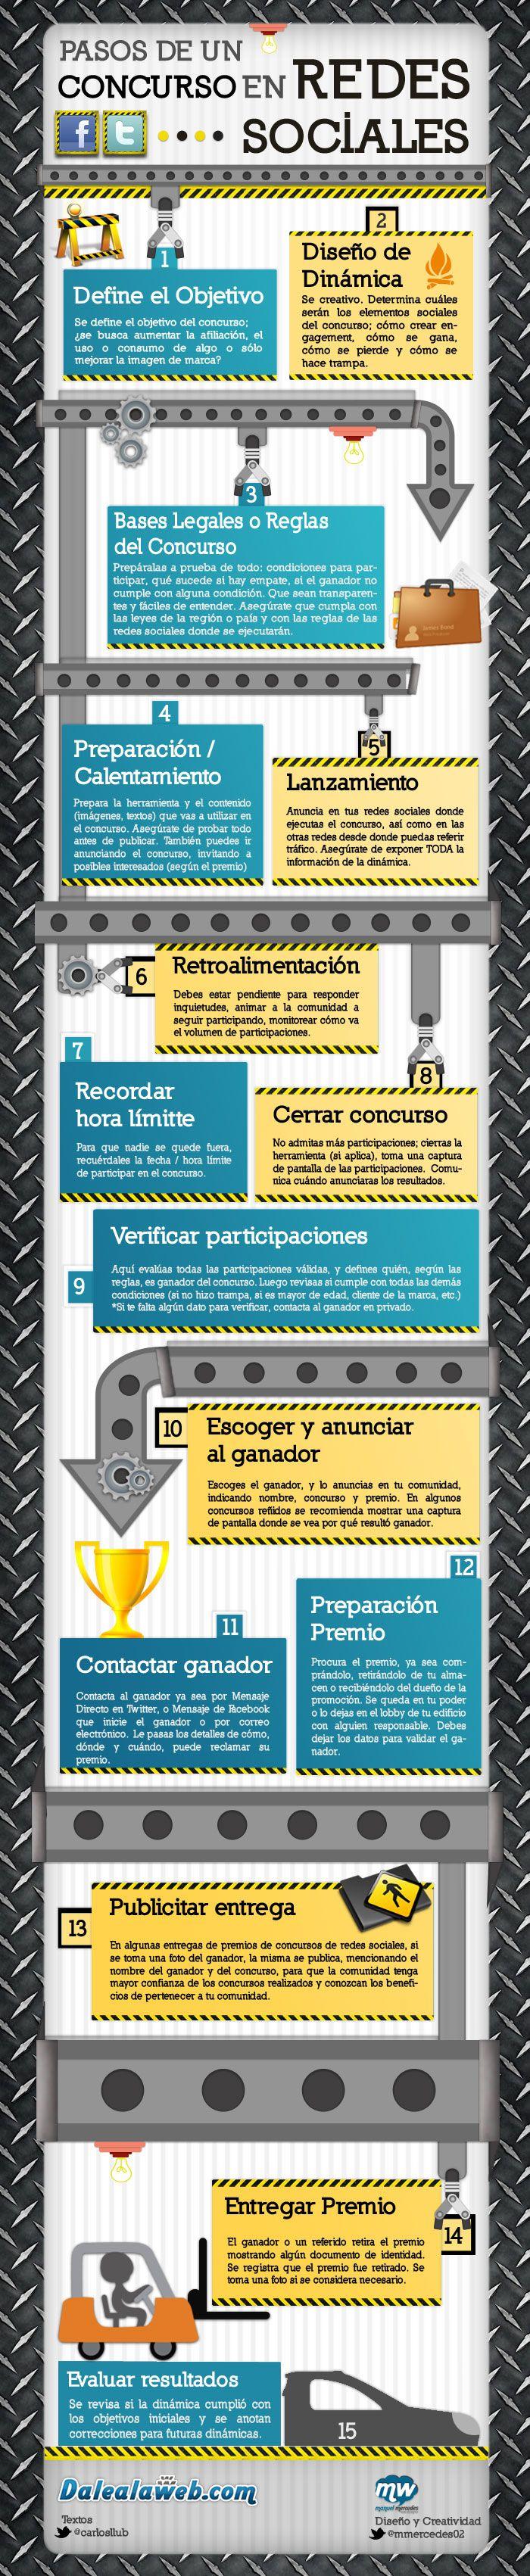 #Infografía Pasos para hacer un concurso en redes sociales http://blog.superlikers.com/2013/02/11/pasos-para-hacer-un-concurso-en-redes-sociales-infografia/